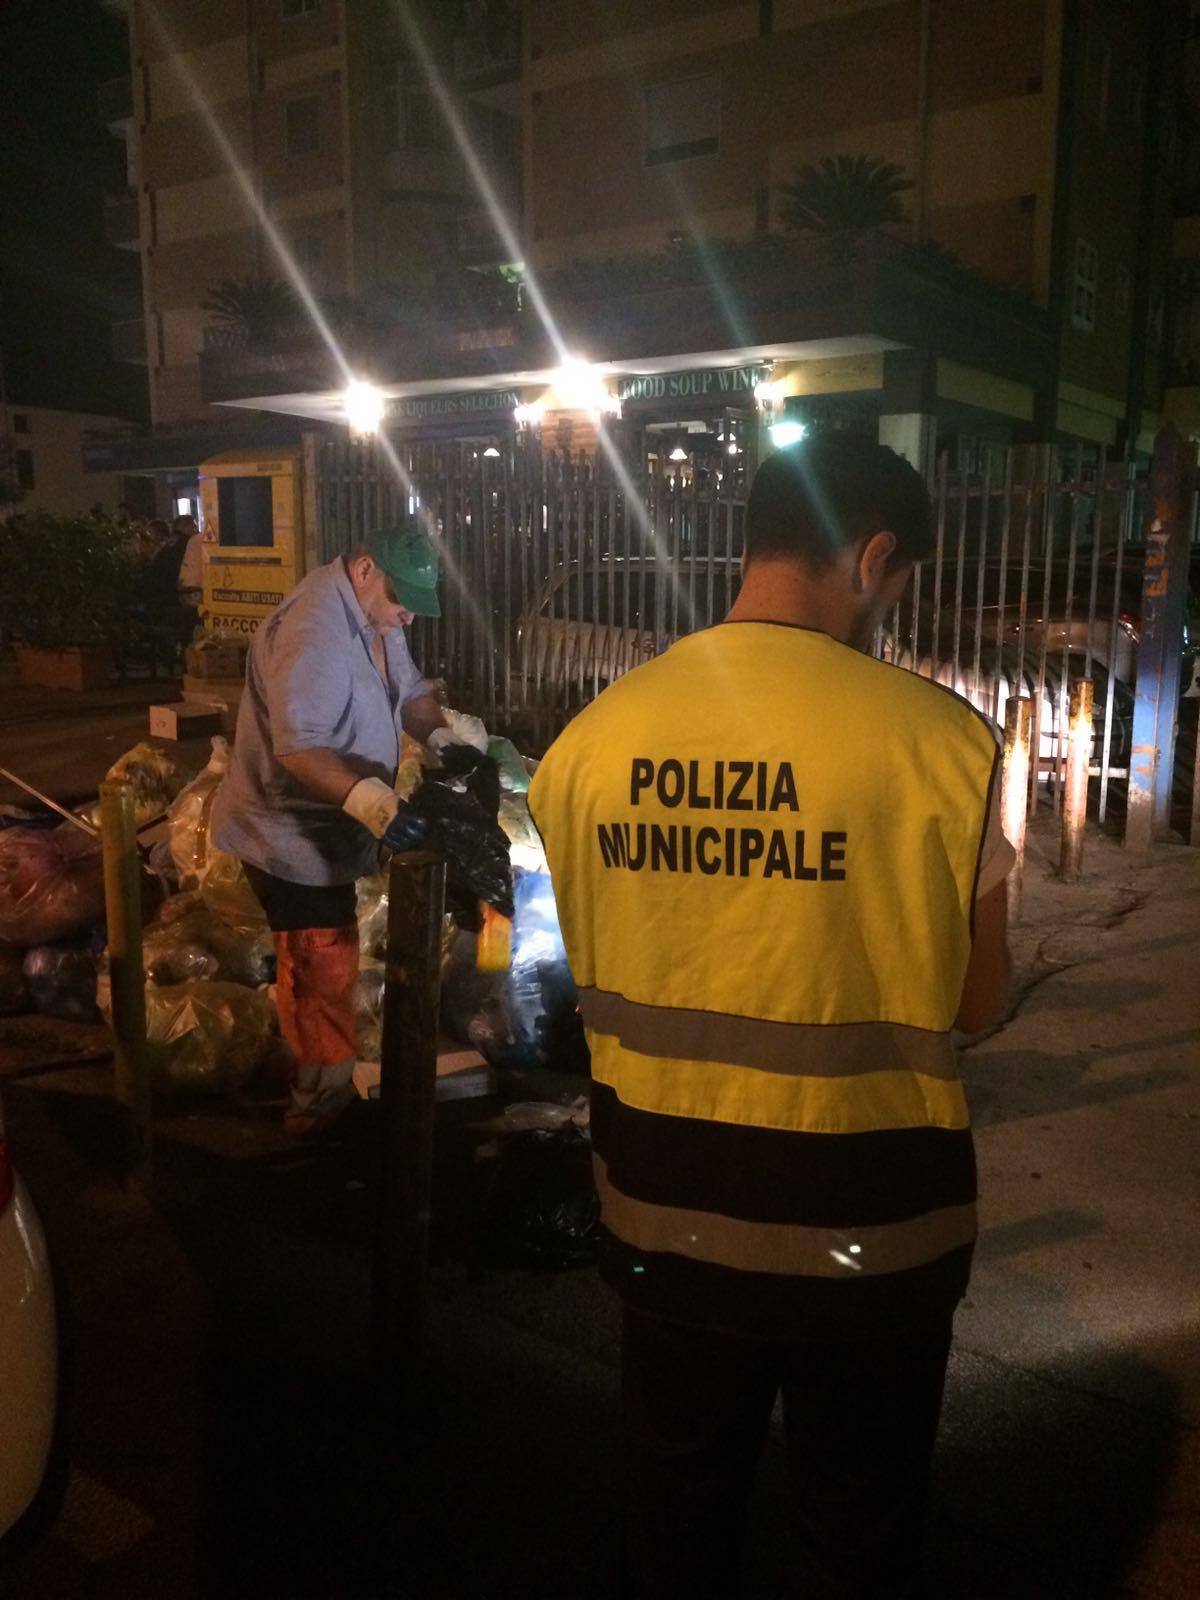 """Task force contro l'illegalità, il sindaco in strada con gli agenti. Zinno: """"Tolleranza zero anche sui reati ambientali """""""